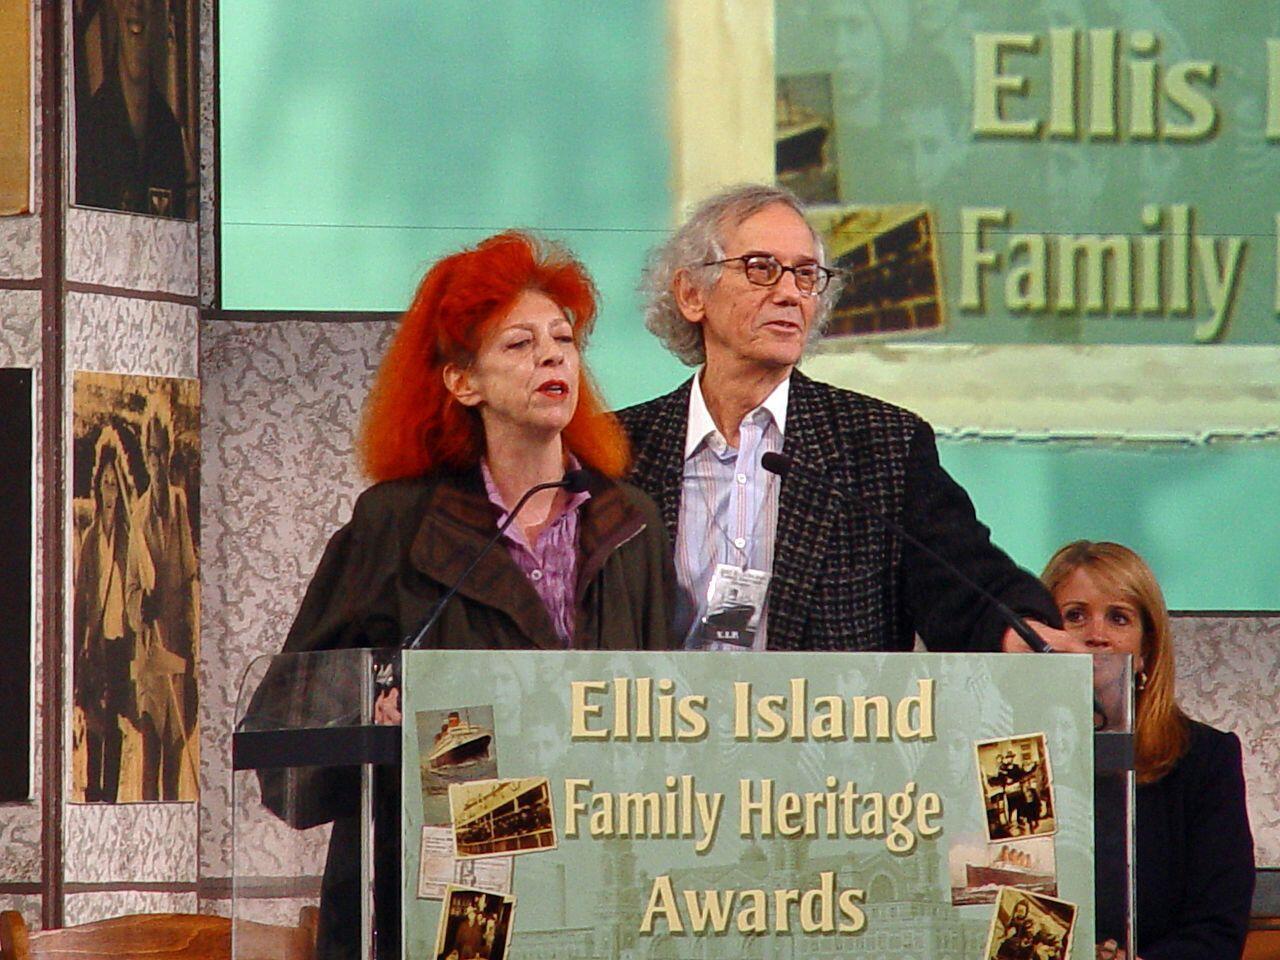 Христо и Жанн-Клод в 2005 году.